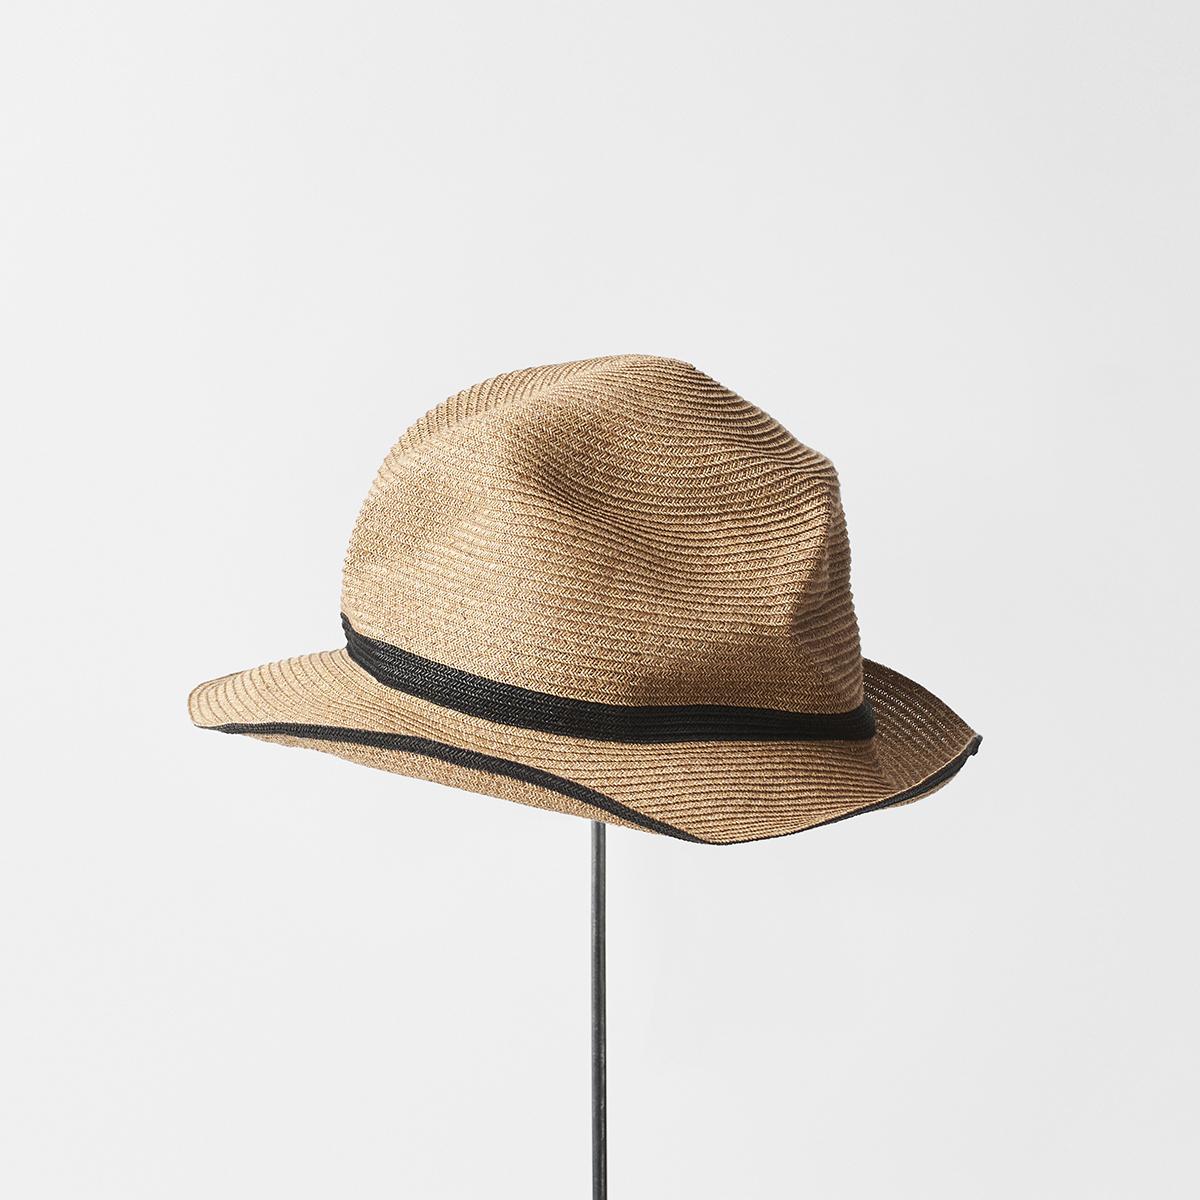 BOXED HAT 6.5cm brim switch color line